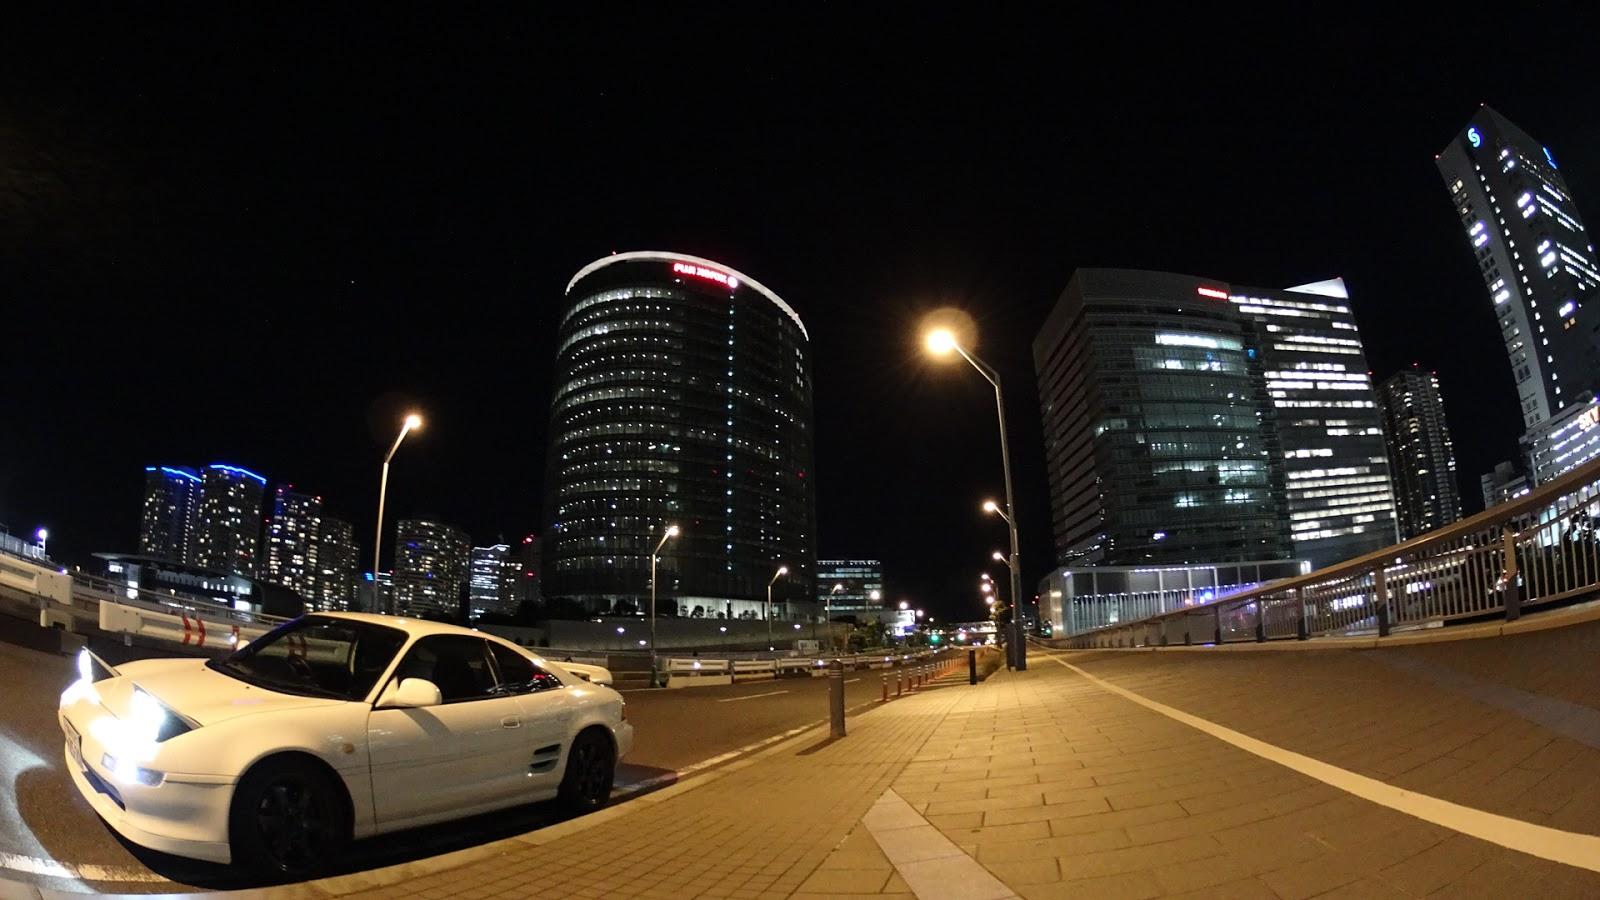 Toyota MR2 W20, fotografia nocą, ciekawe sportowe samochody, silnik umieszczony centralnie, zdjęcia